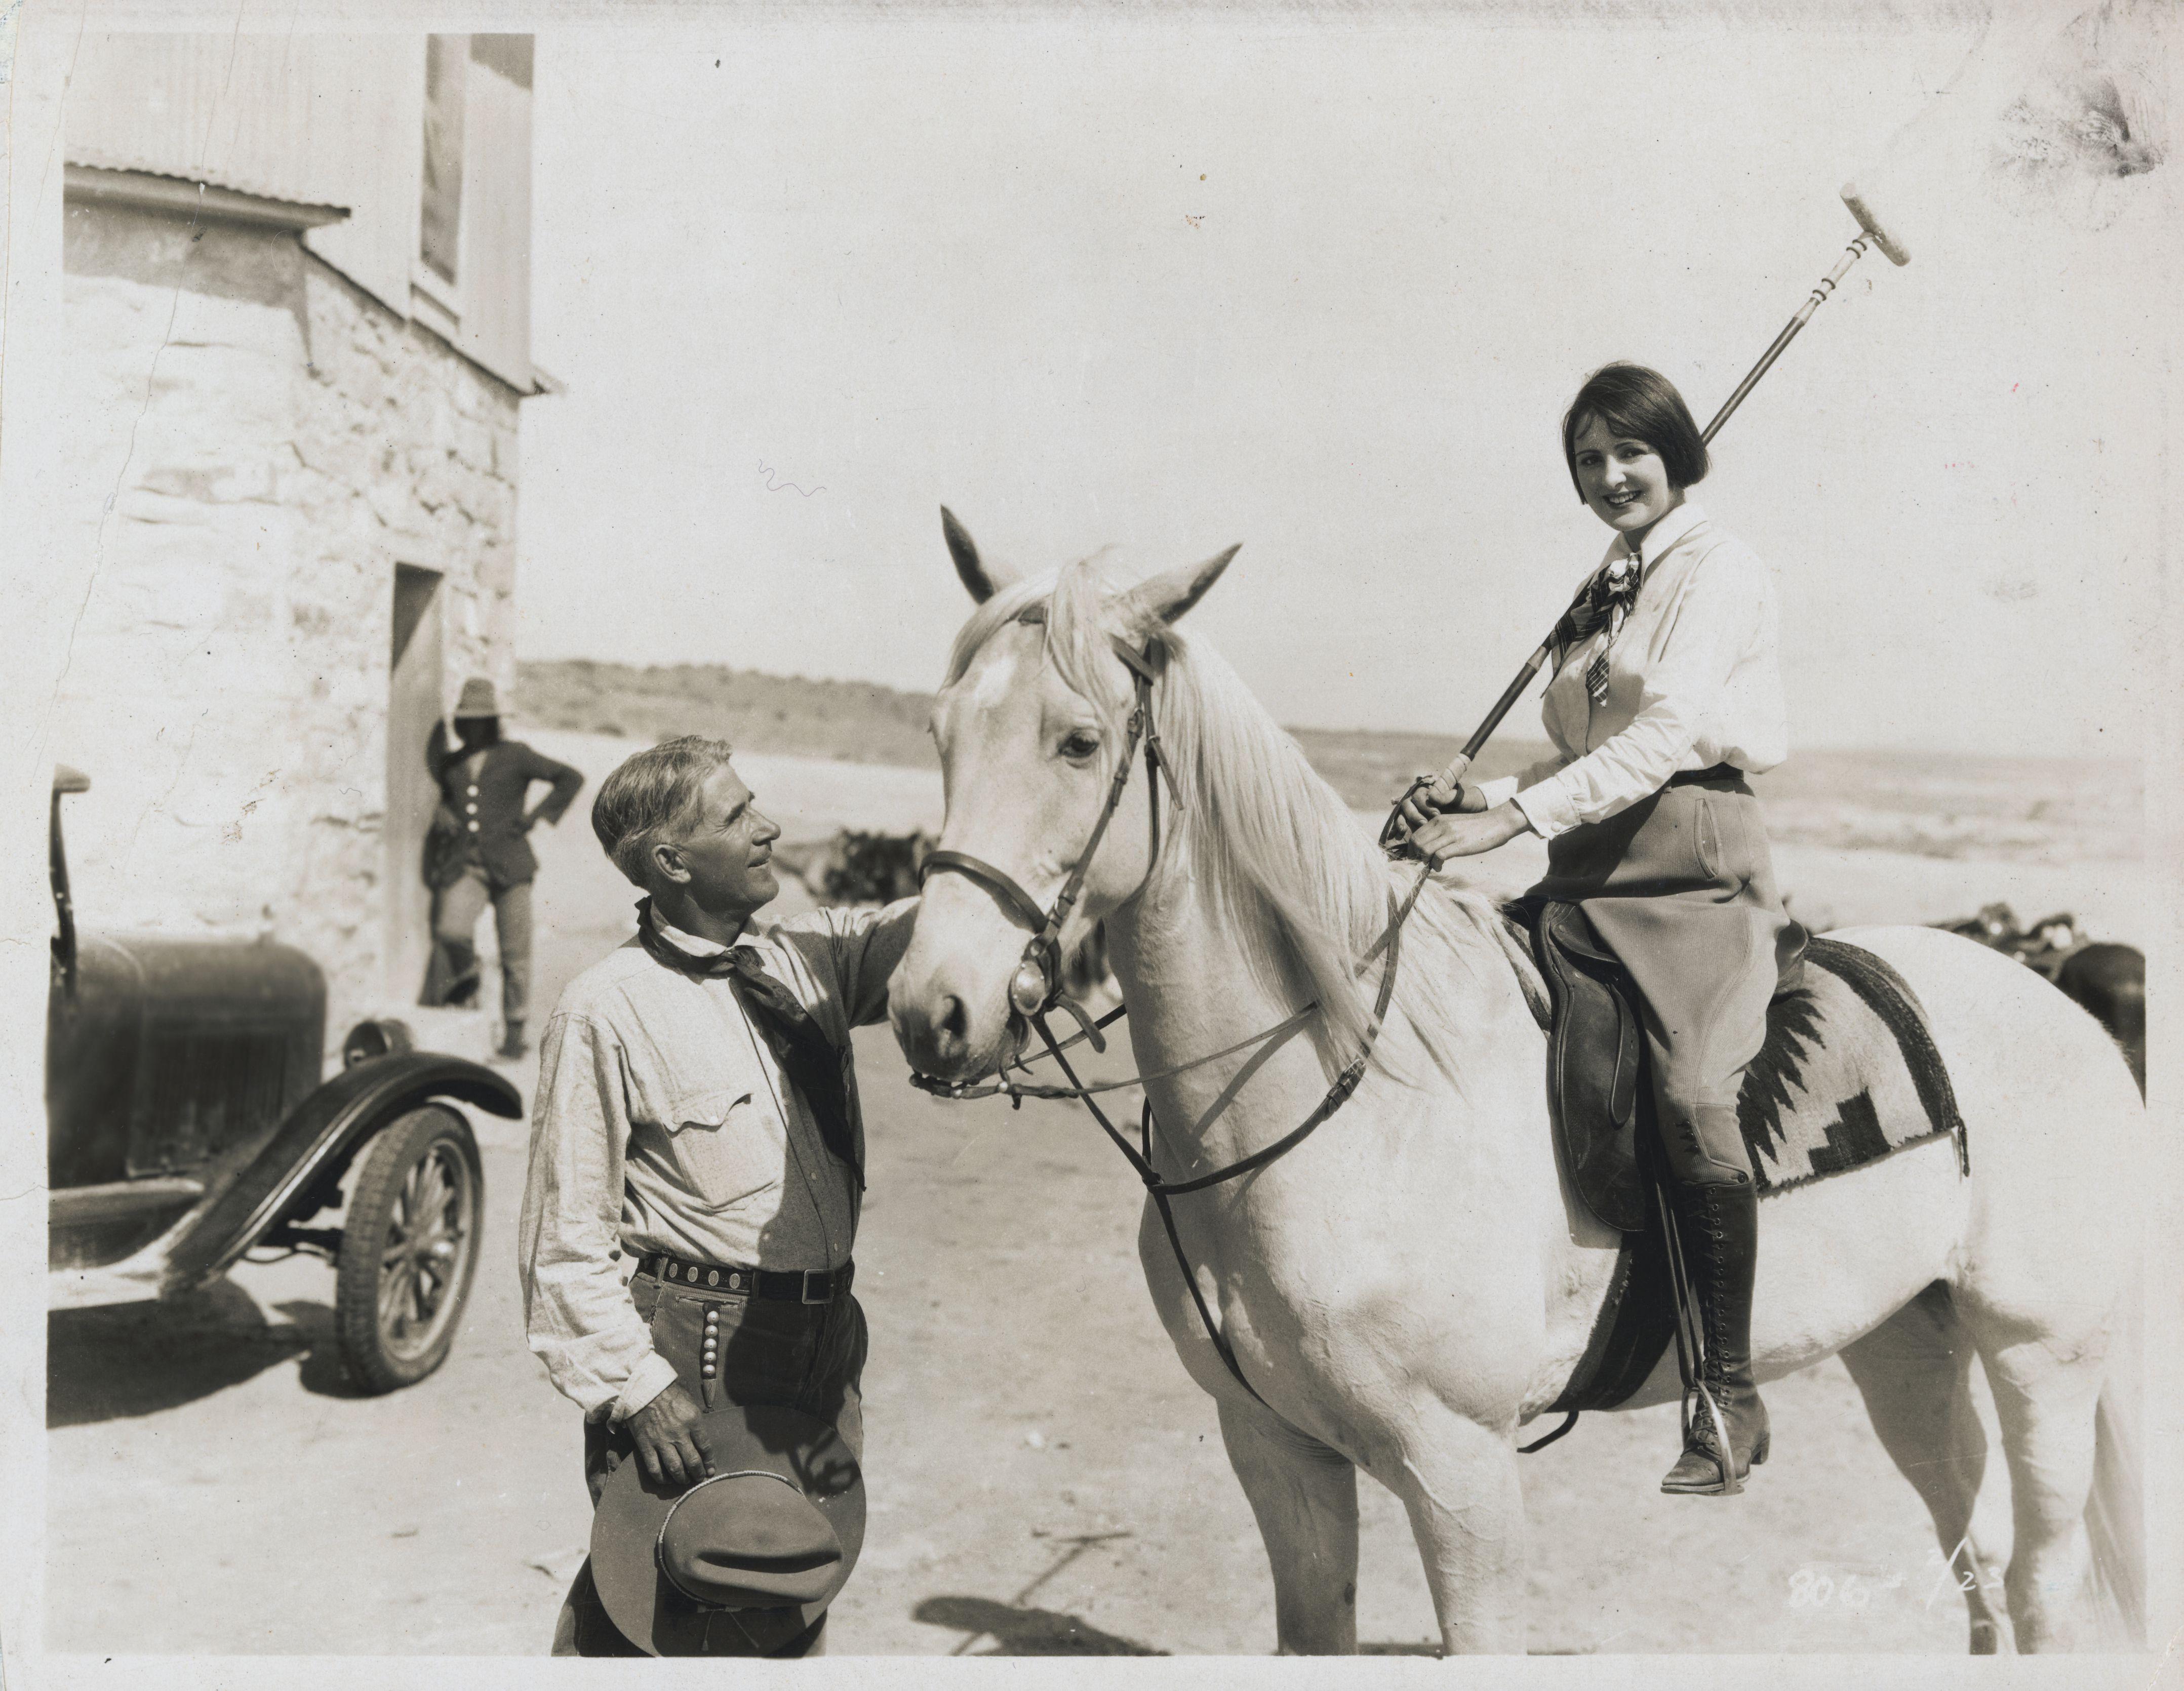 Zane Grey posing with polo player